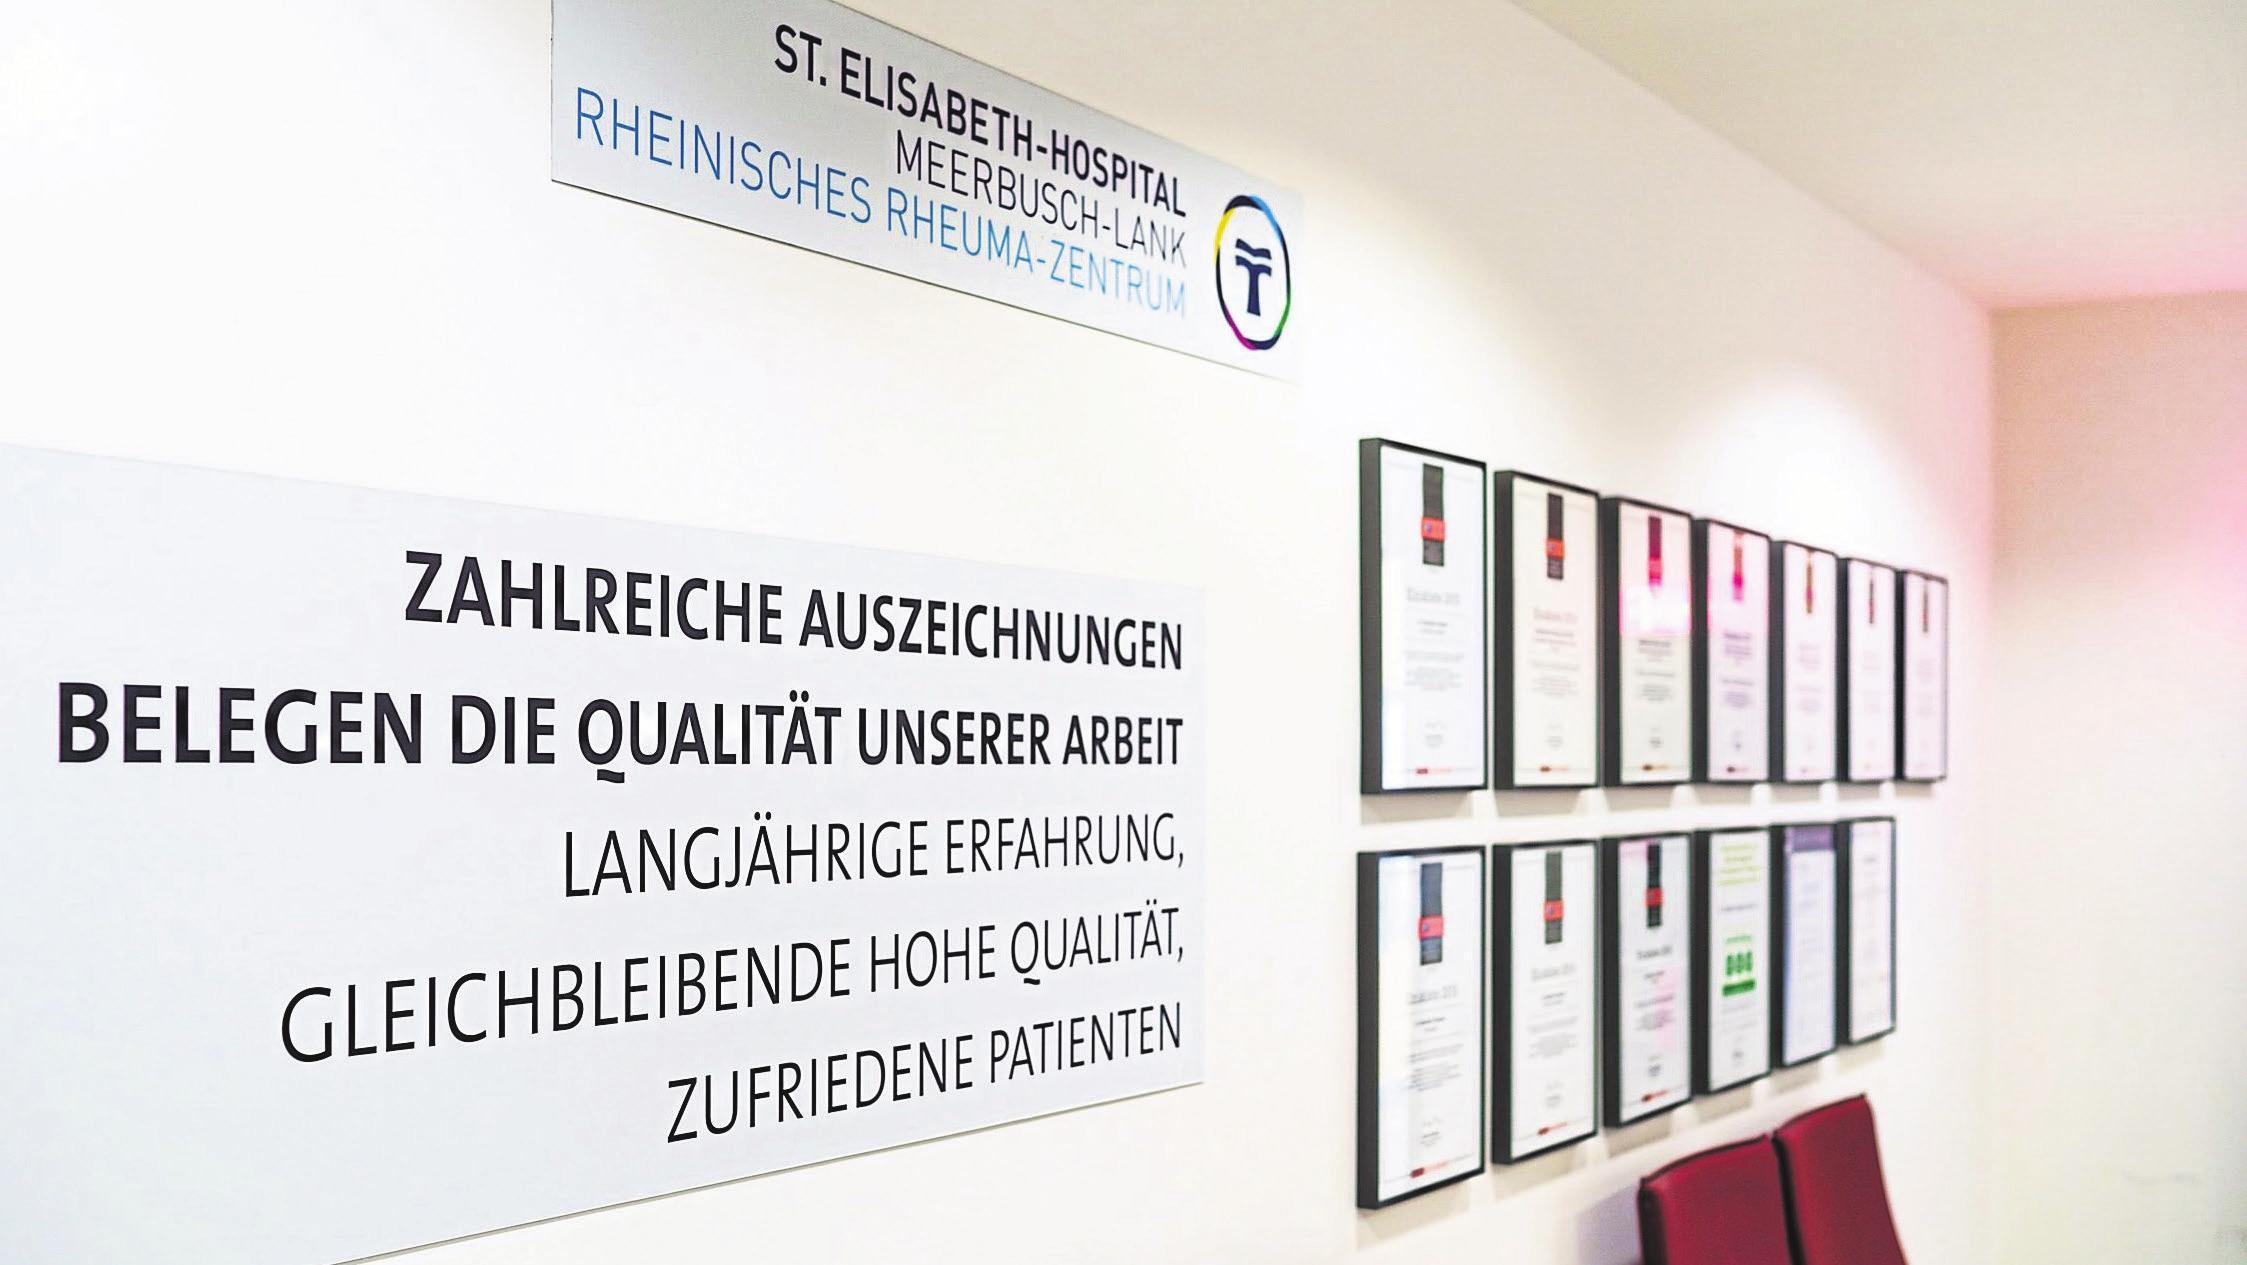 Foto:TV Wartezimmerfür St. Elisabeth-Hospital